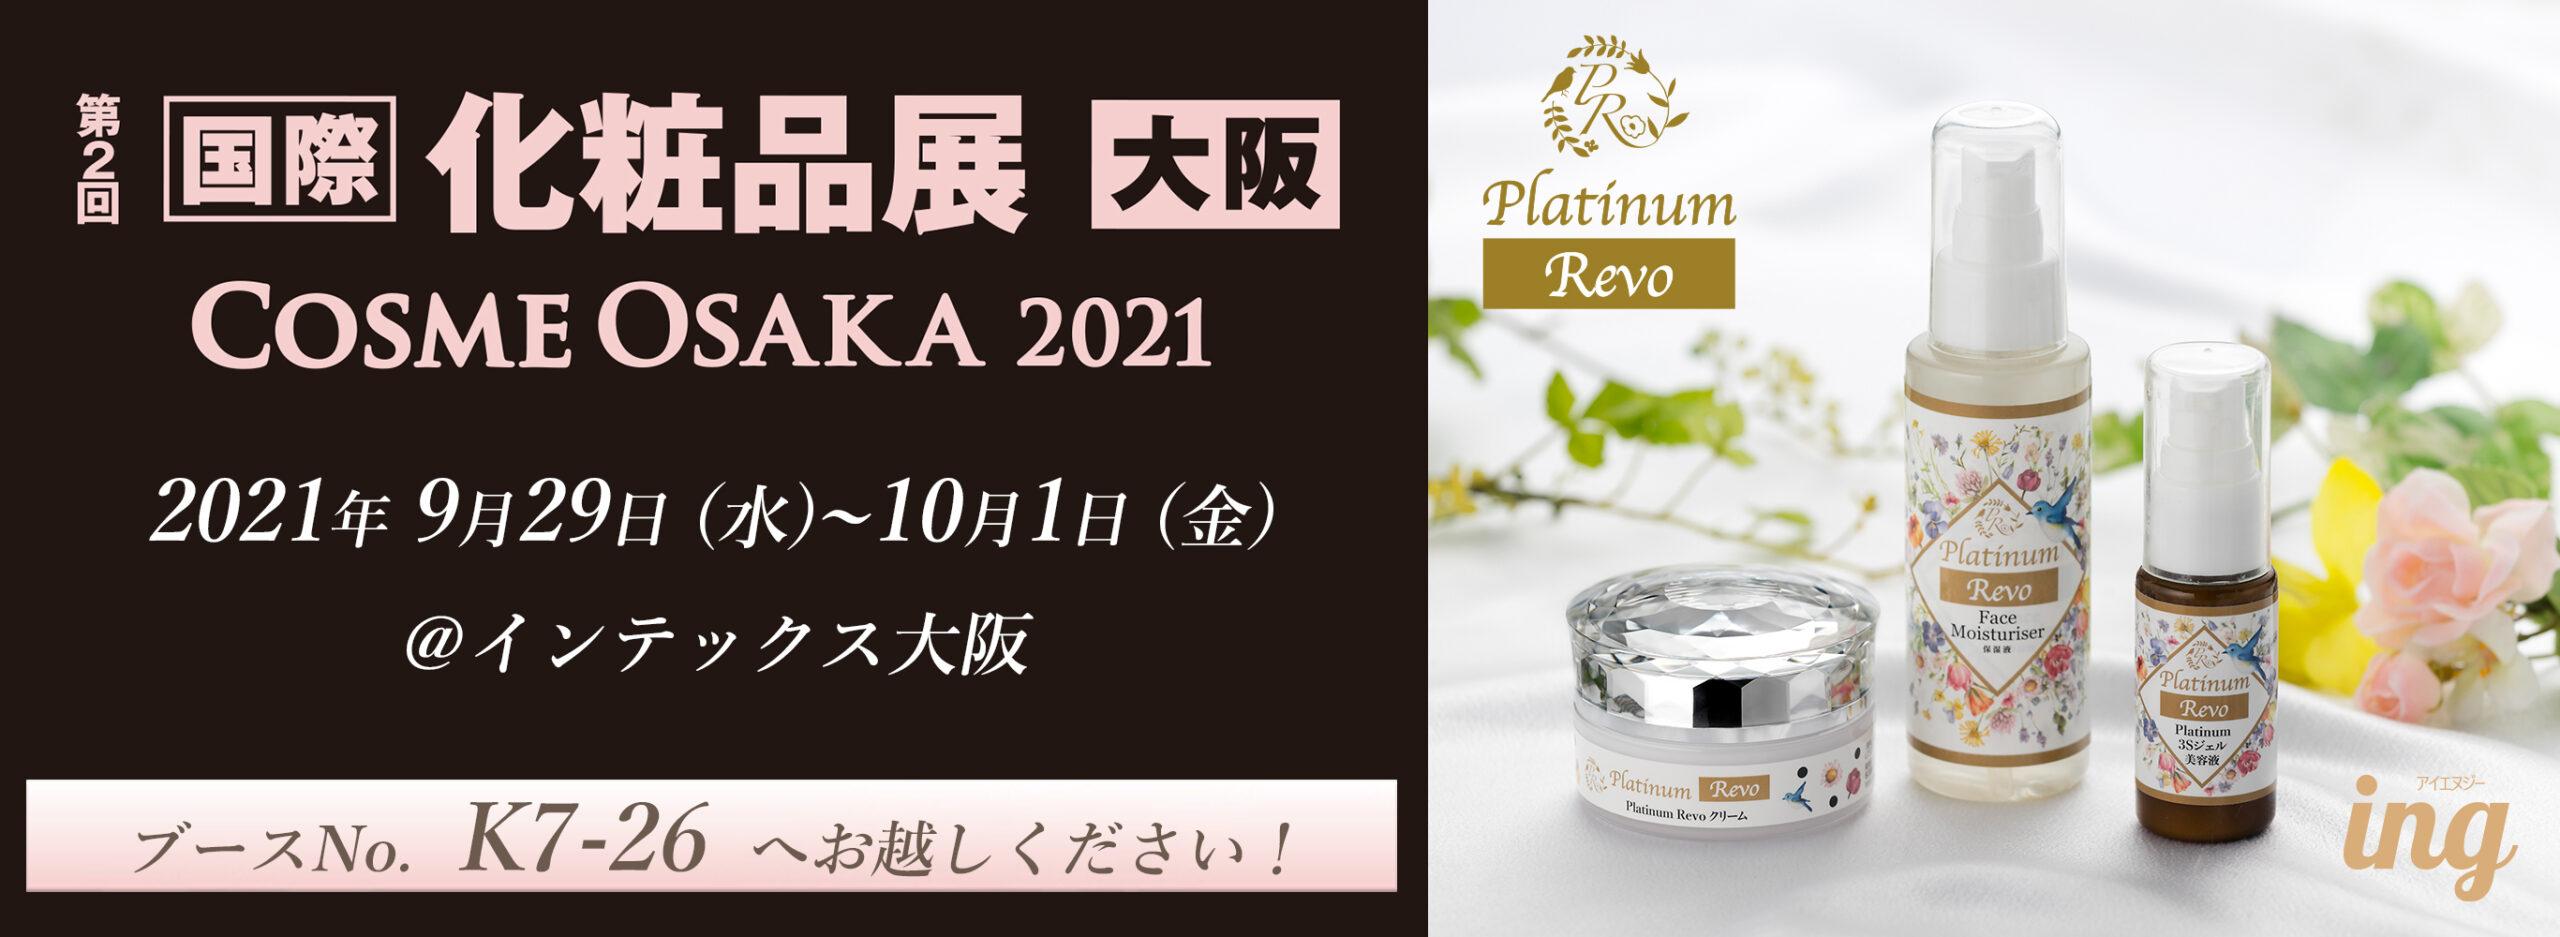 国際化粧品展インテックス大阪出展!